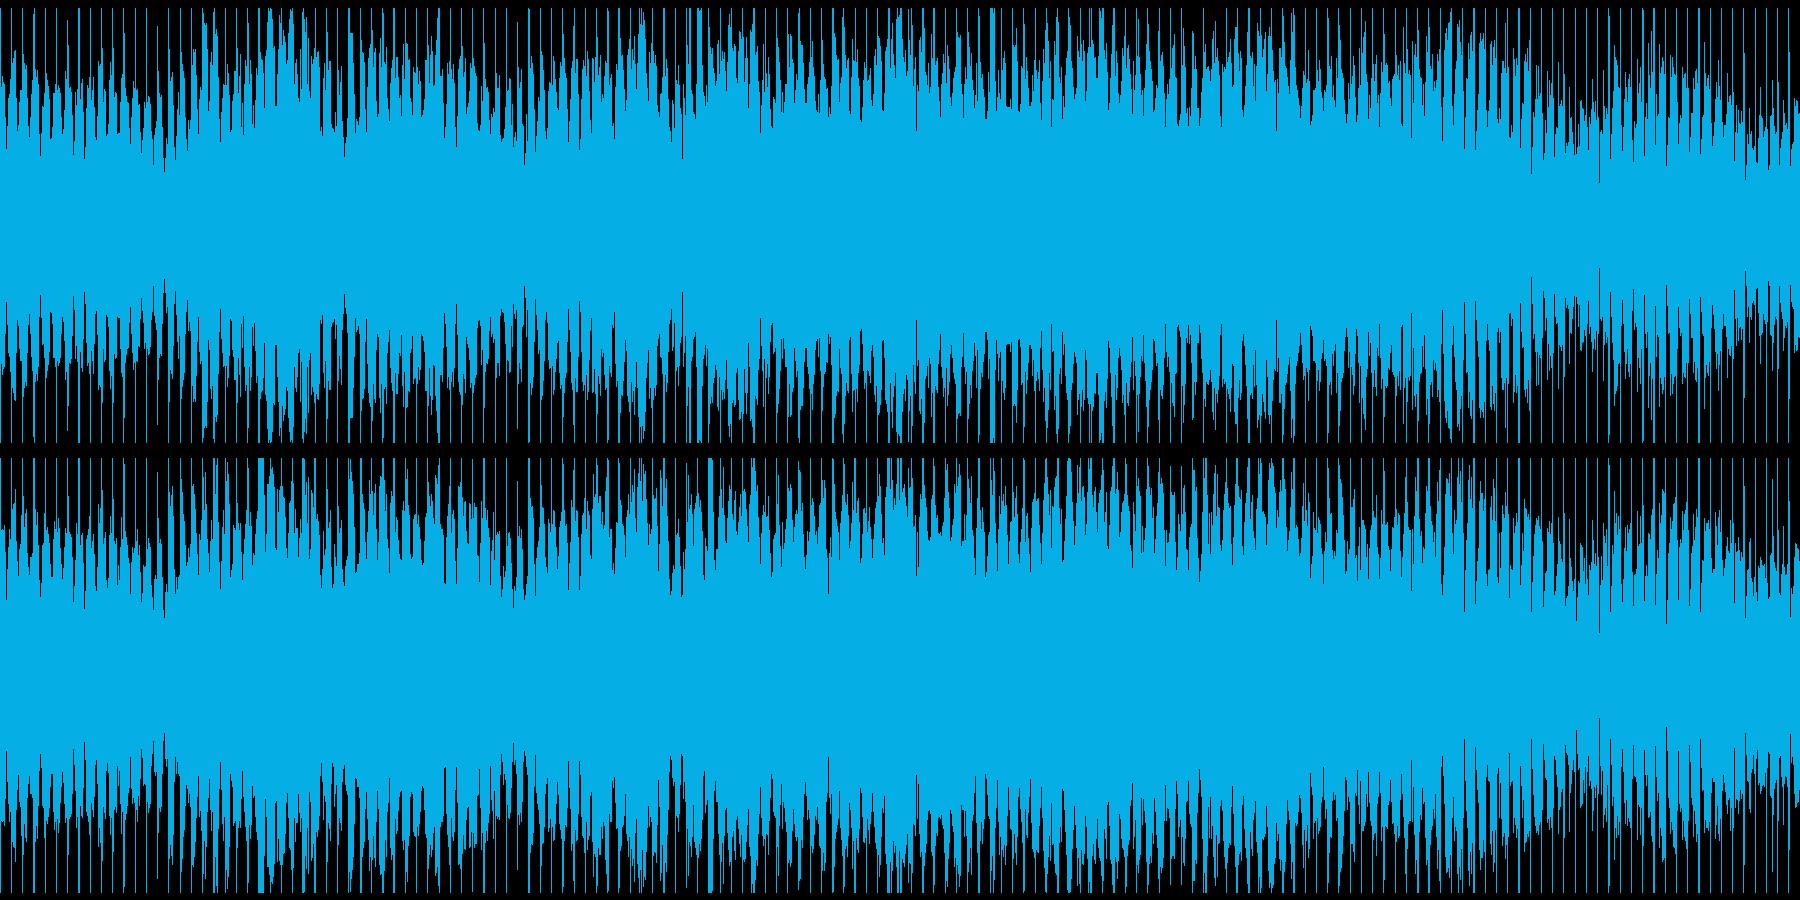 ノリノリな和風テクノ篠笛 ※ループ仕様版の再生済みの波形